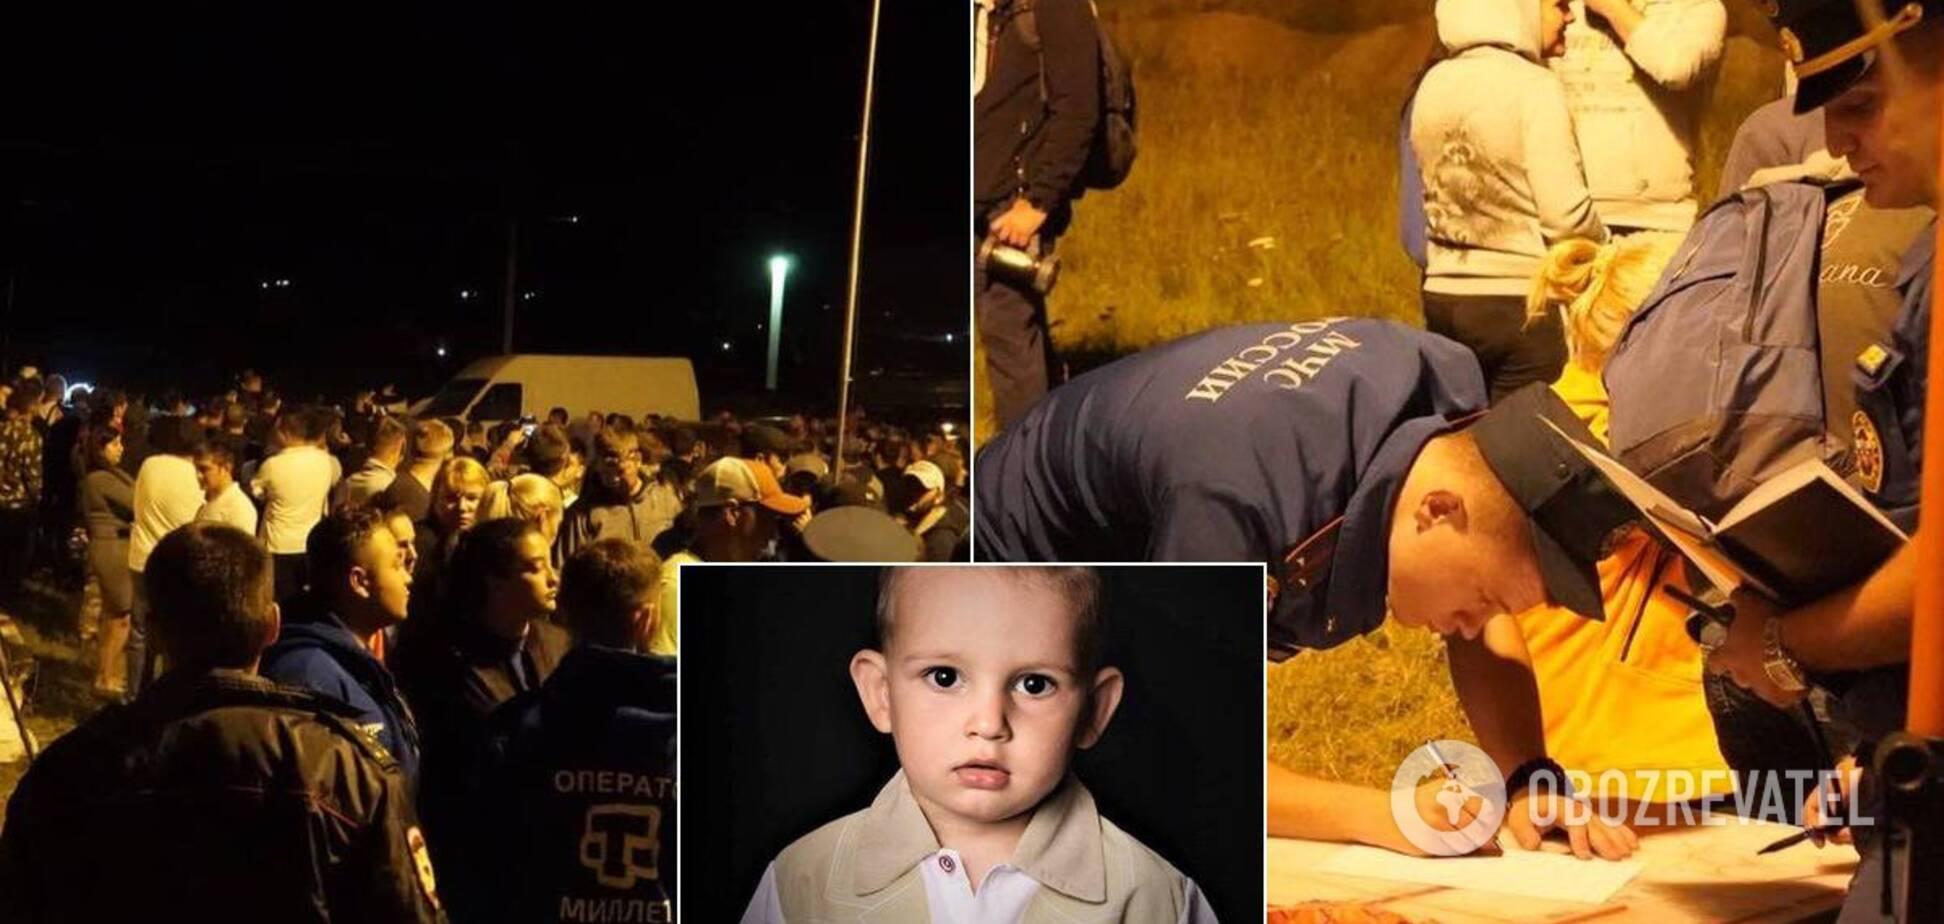 Мати переживає нестерпний біль і боїться за батька: деталі трагічної загибелі 3-річного Муси Сулейманова